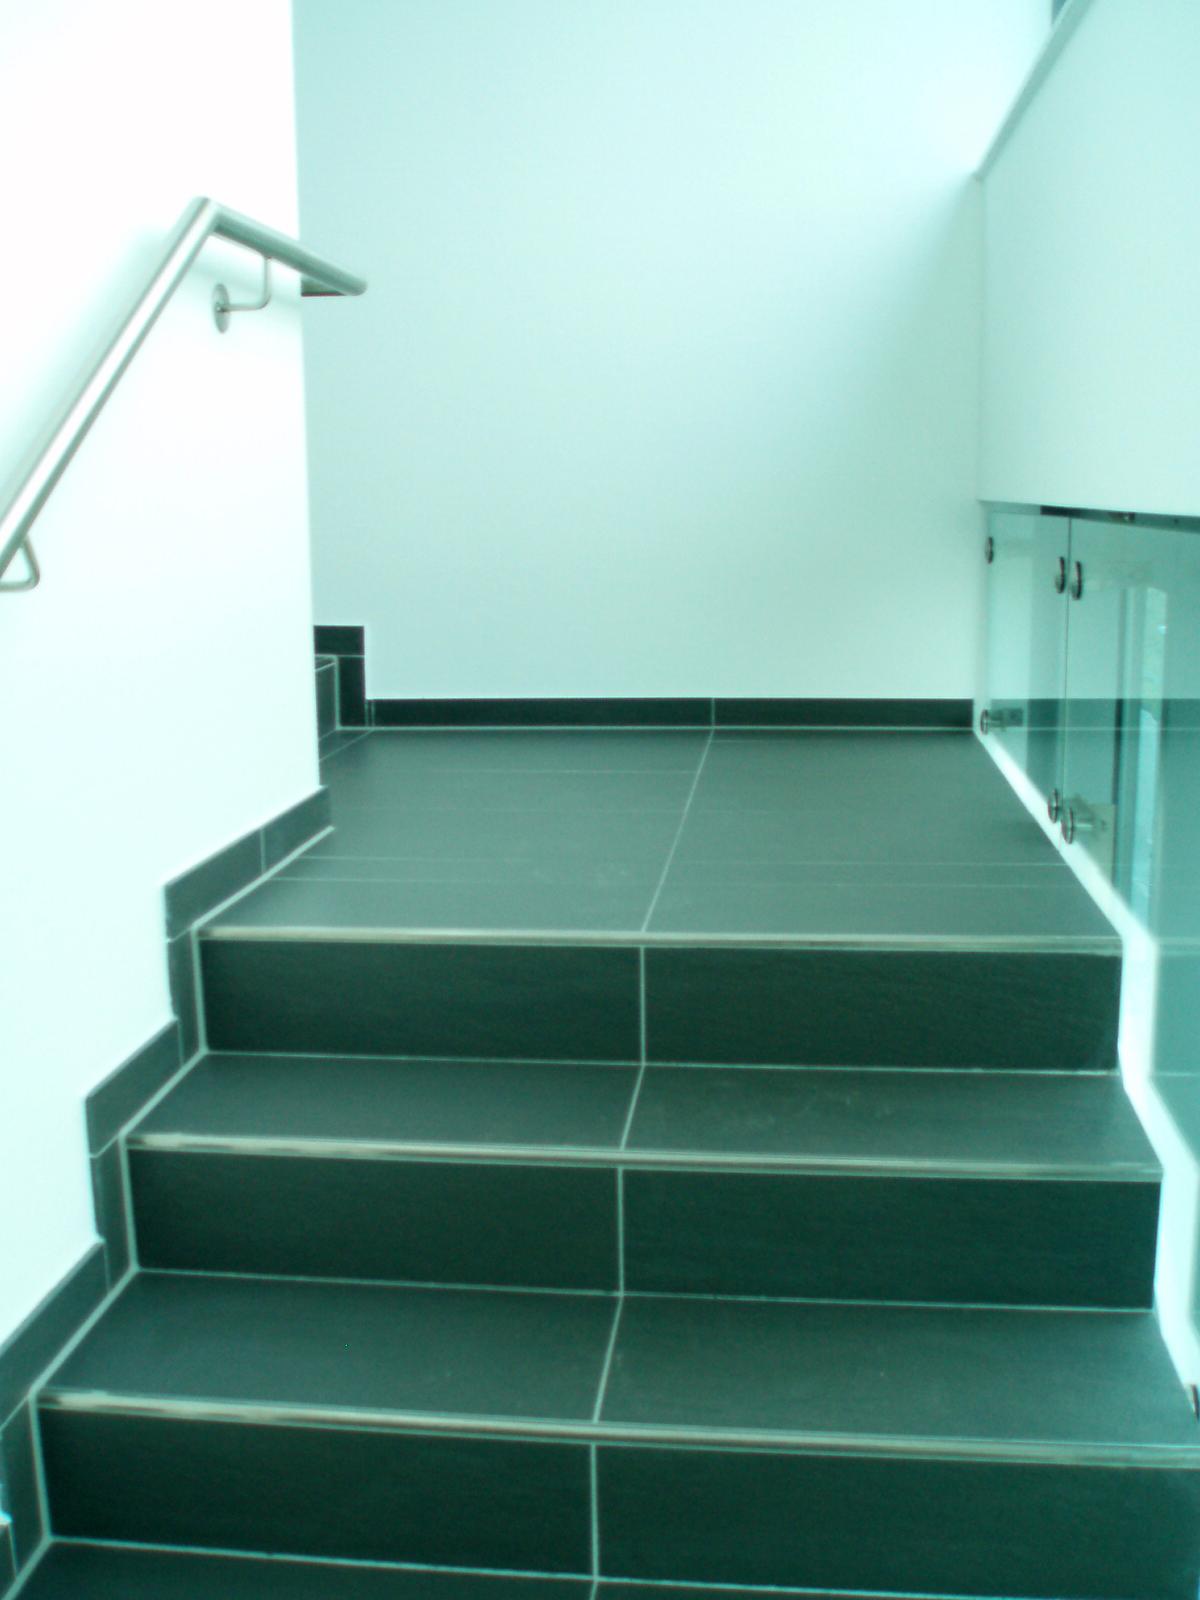 Diese Bild zeigt den Treppenaufgang zu den Büroräumen der Firma Münker